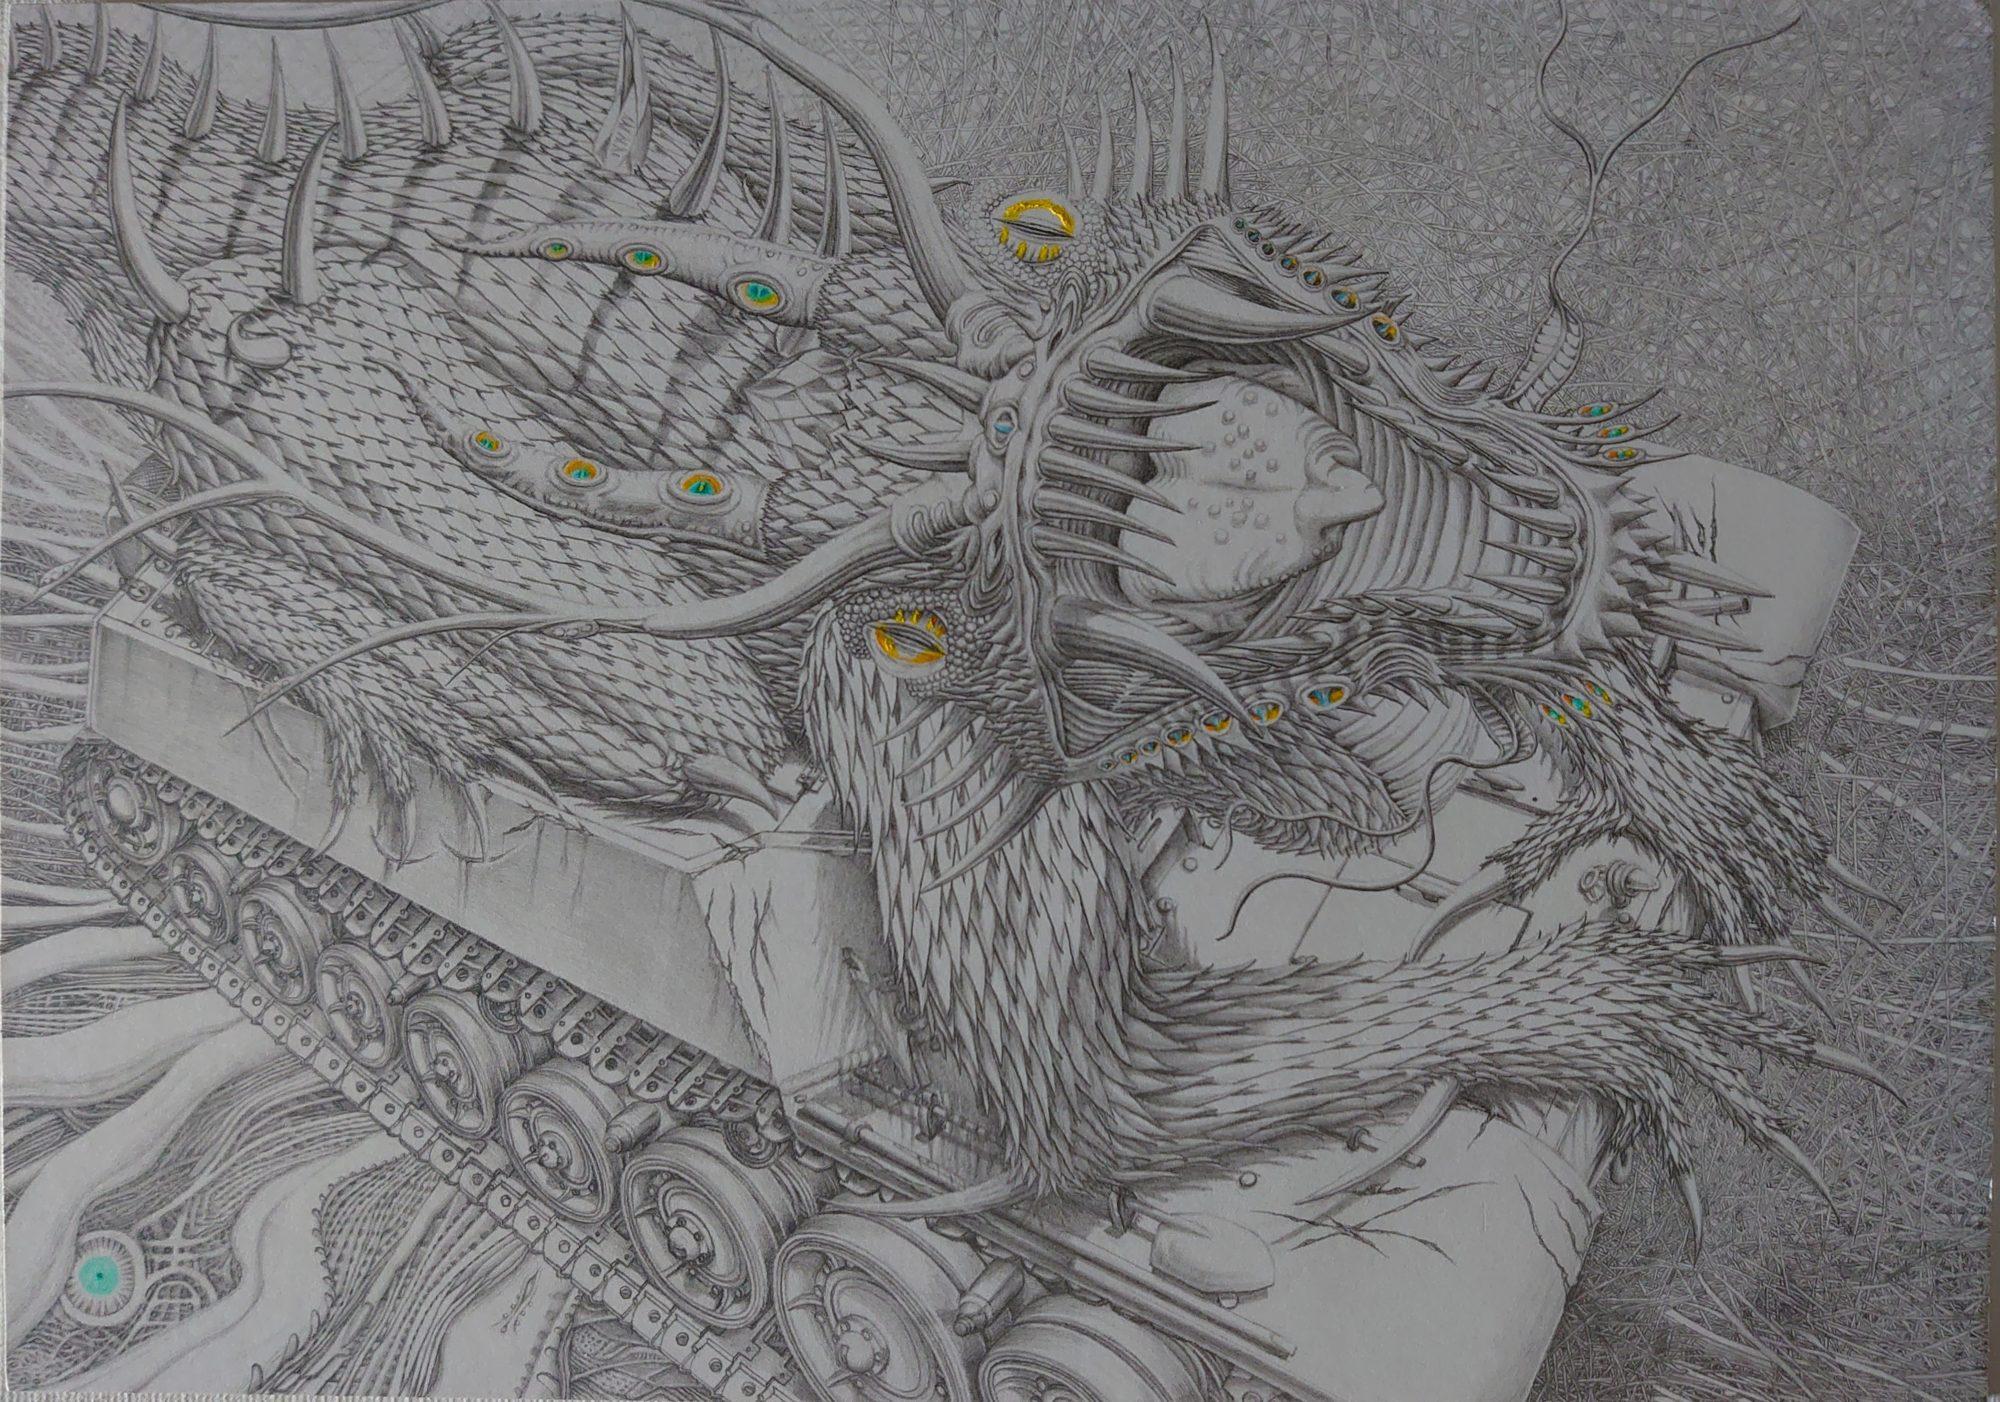 ドラゴン戦車[地球のモノノ怪達 #2]